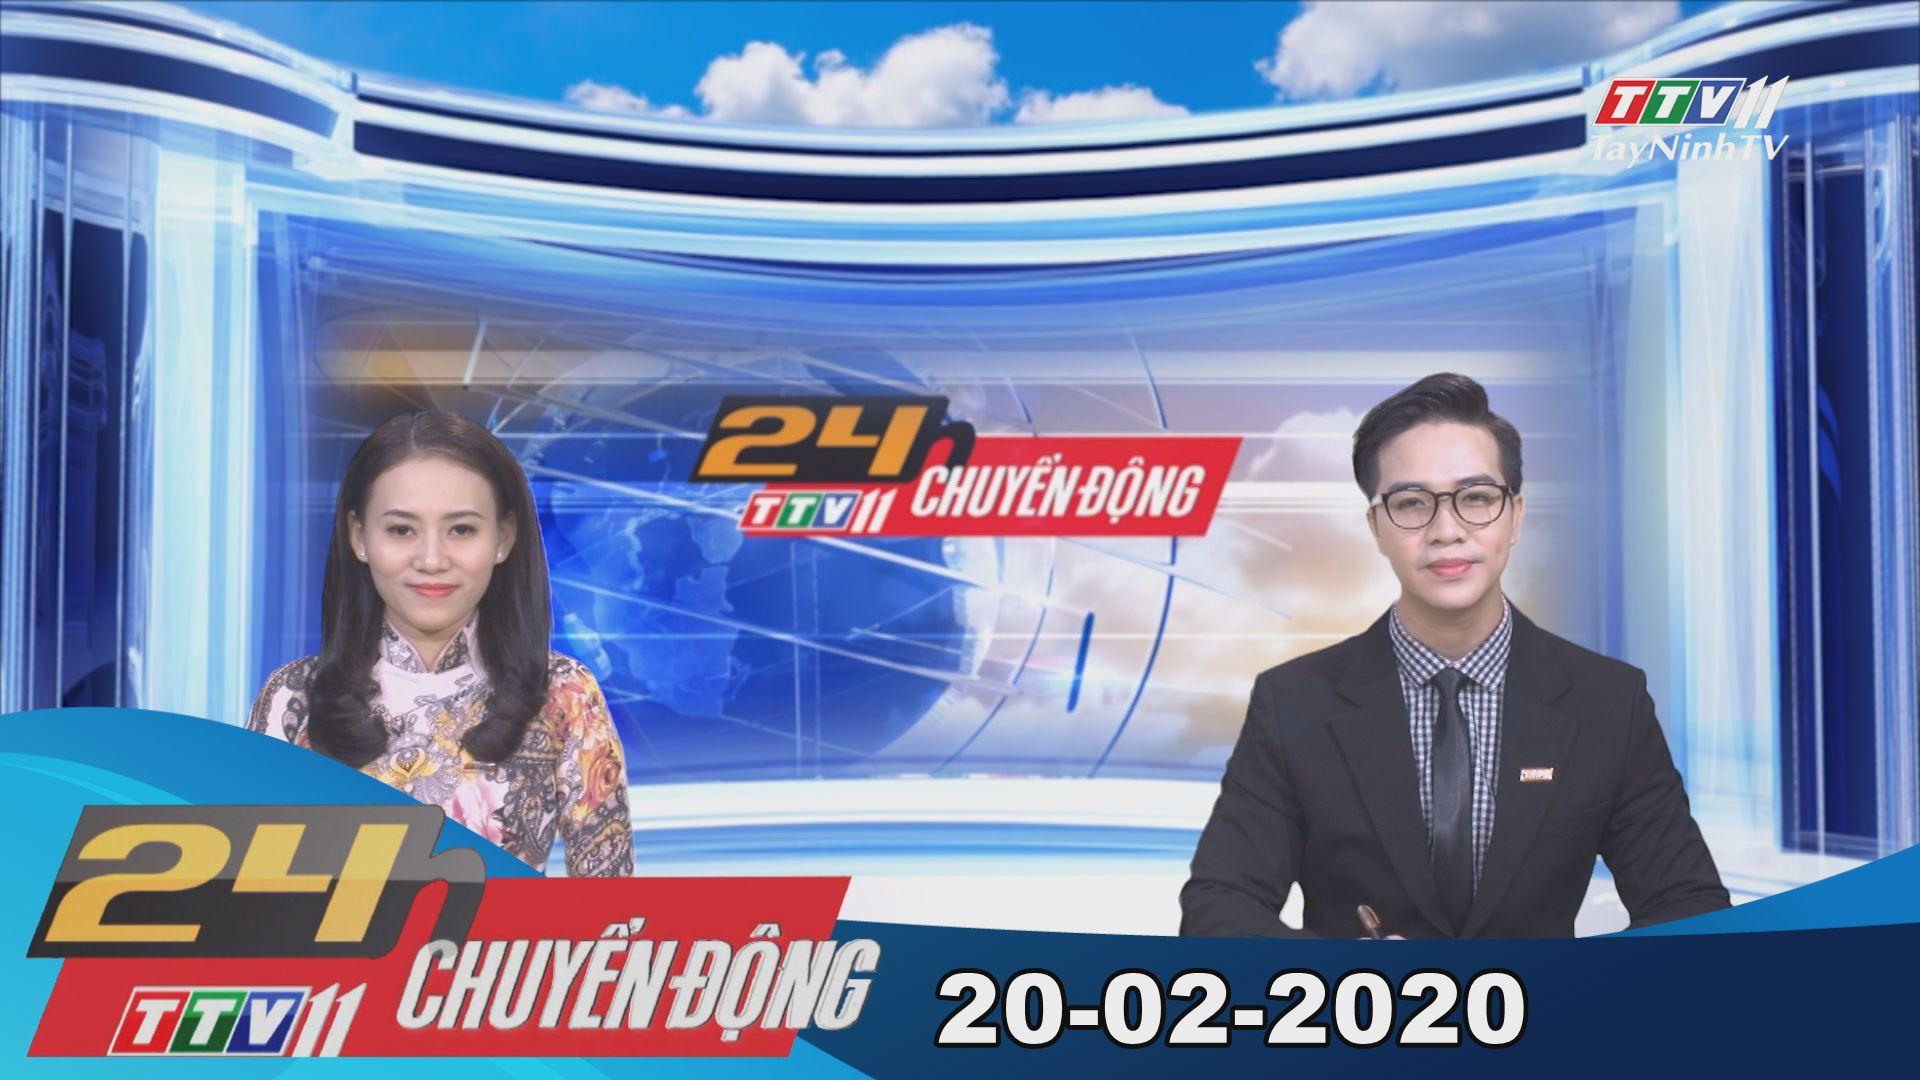 24h Chuyển động 20-02-2020 | Tin tức hôm nay | TayNinhTV